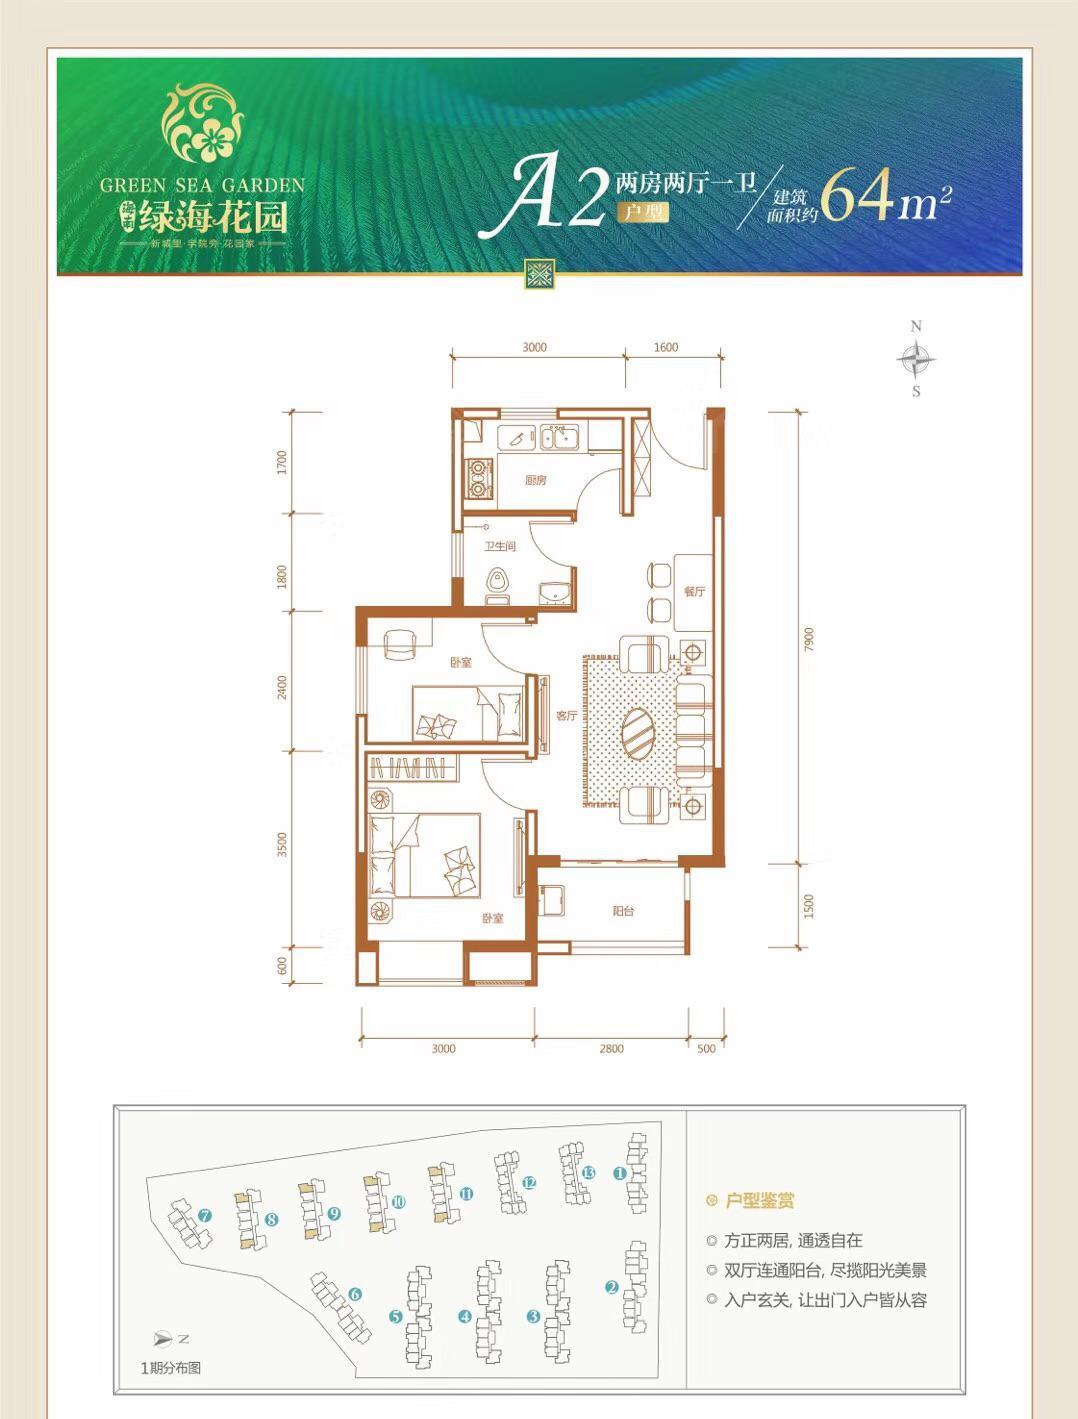 绿海花园2室2厅1卫 (建筑面积:64.00㎡)